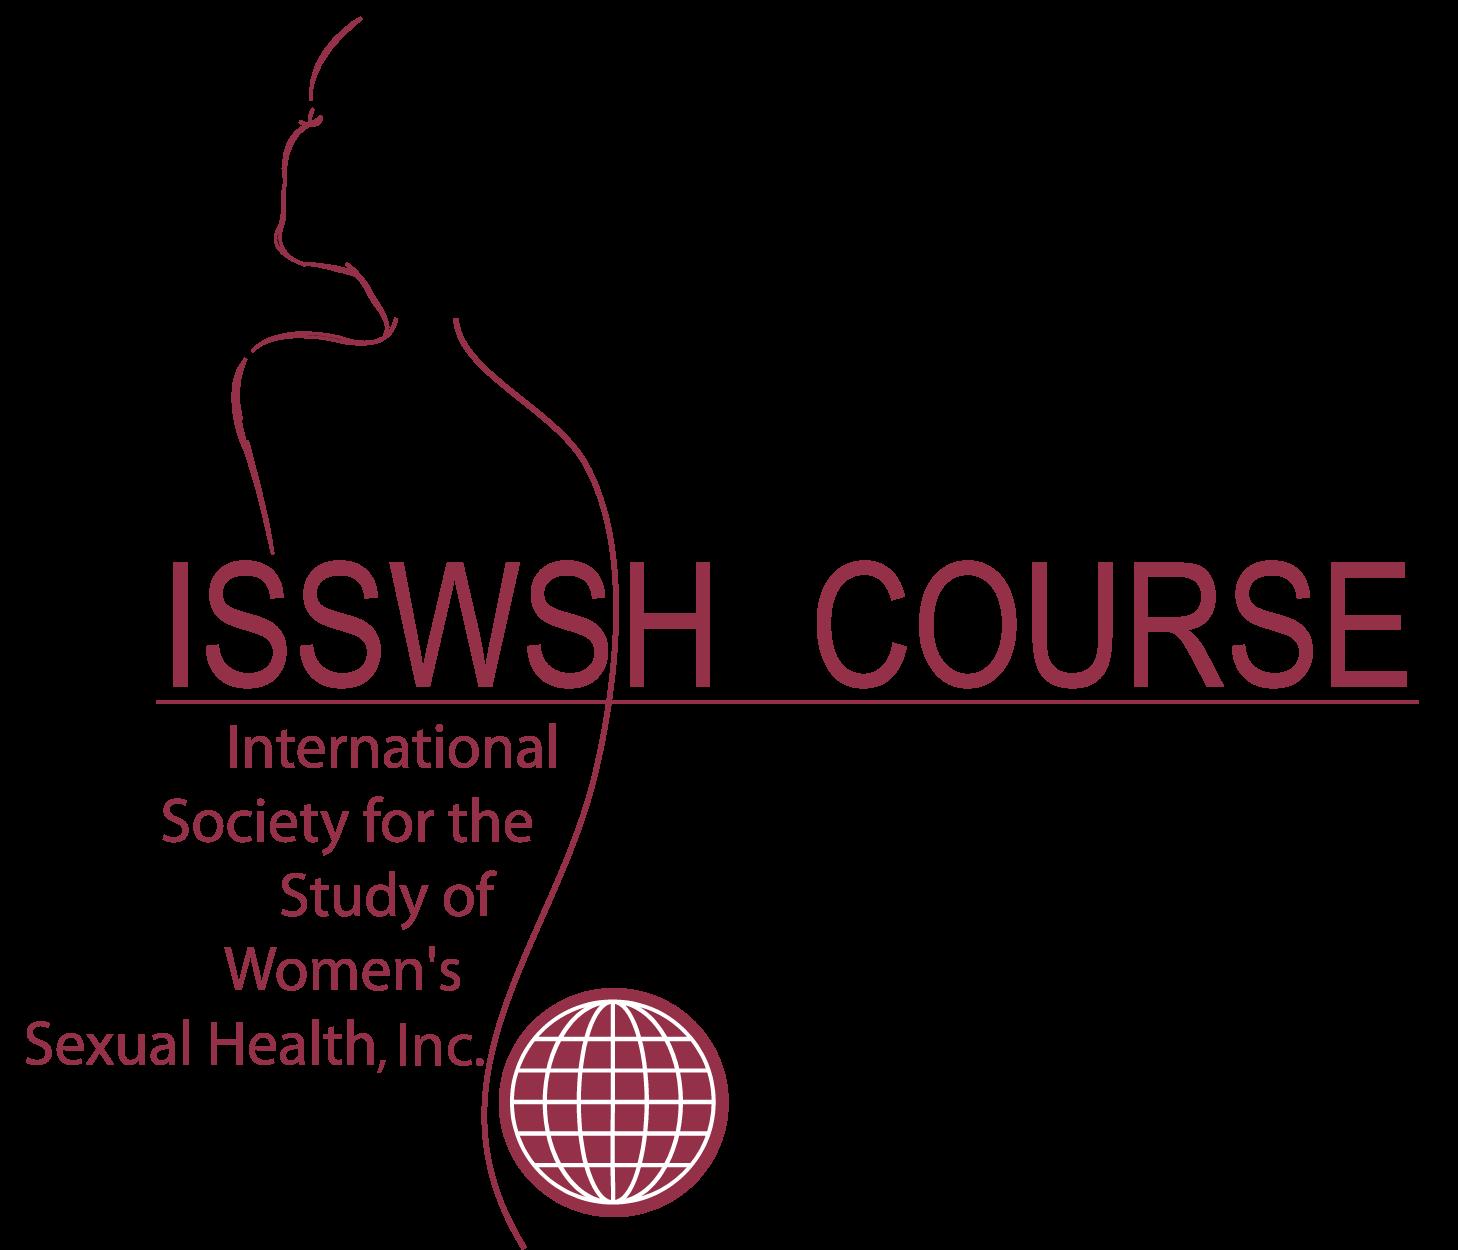 Διεθνής Εταιρεία για τη Μελέτη της Σεξουαλικής Υγείας των Γυναικών